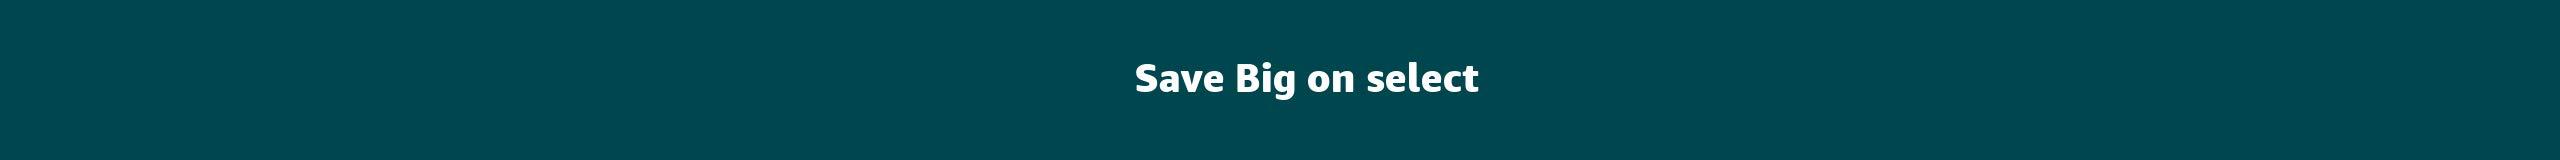 Save Big on